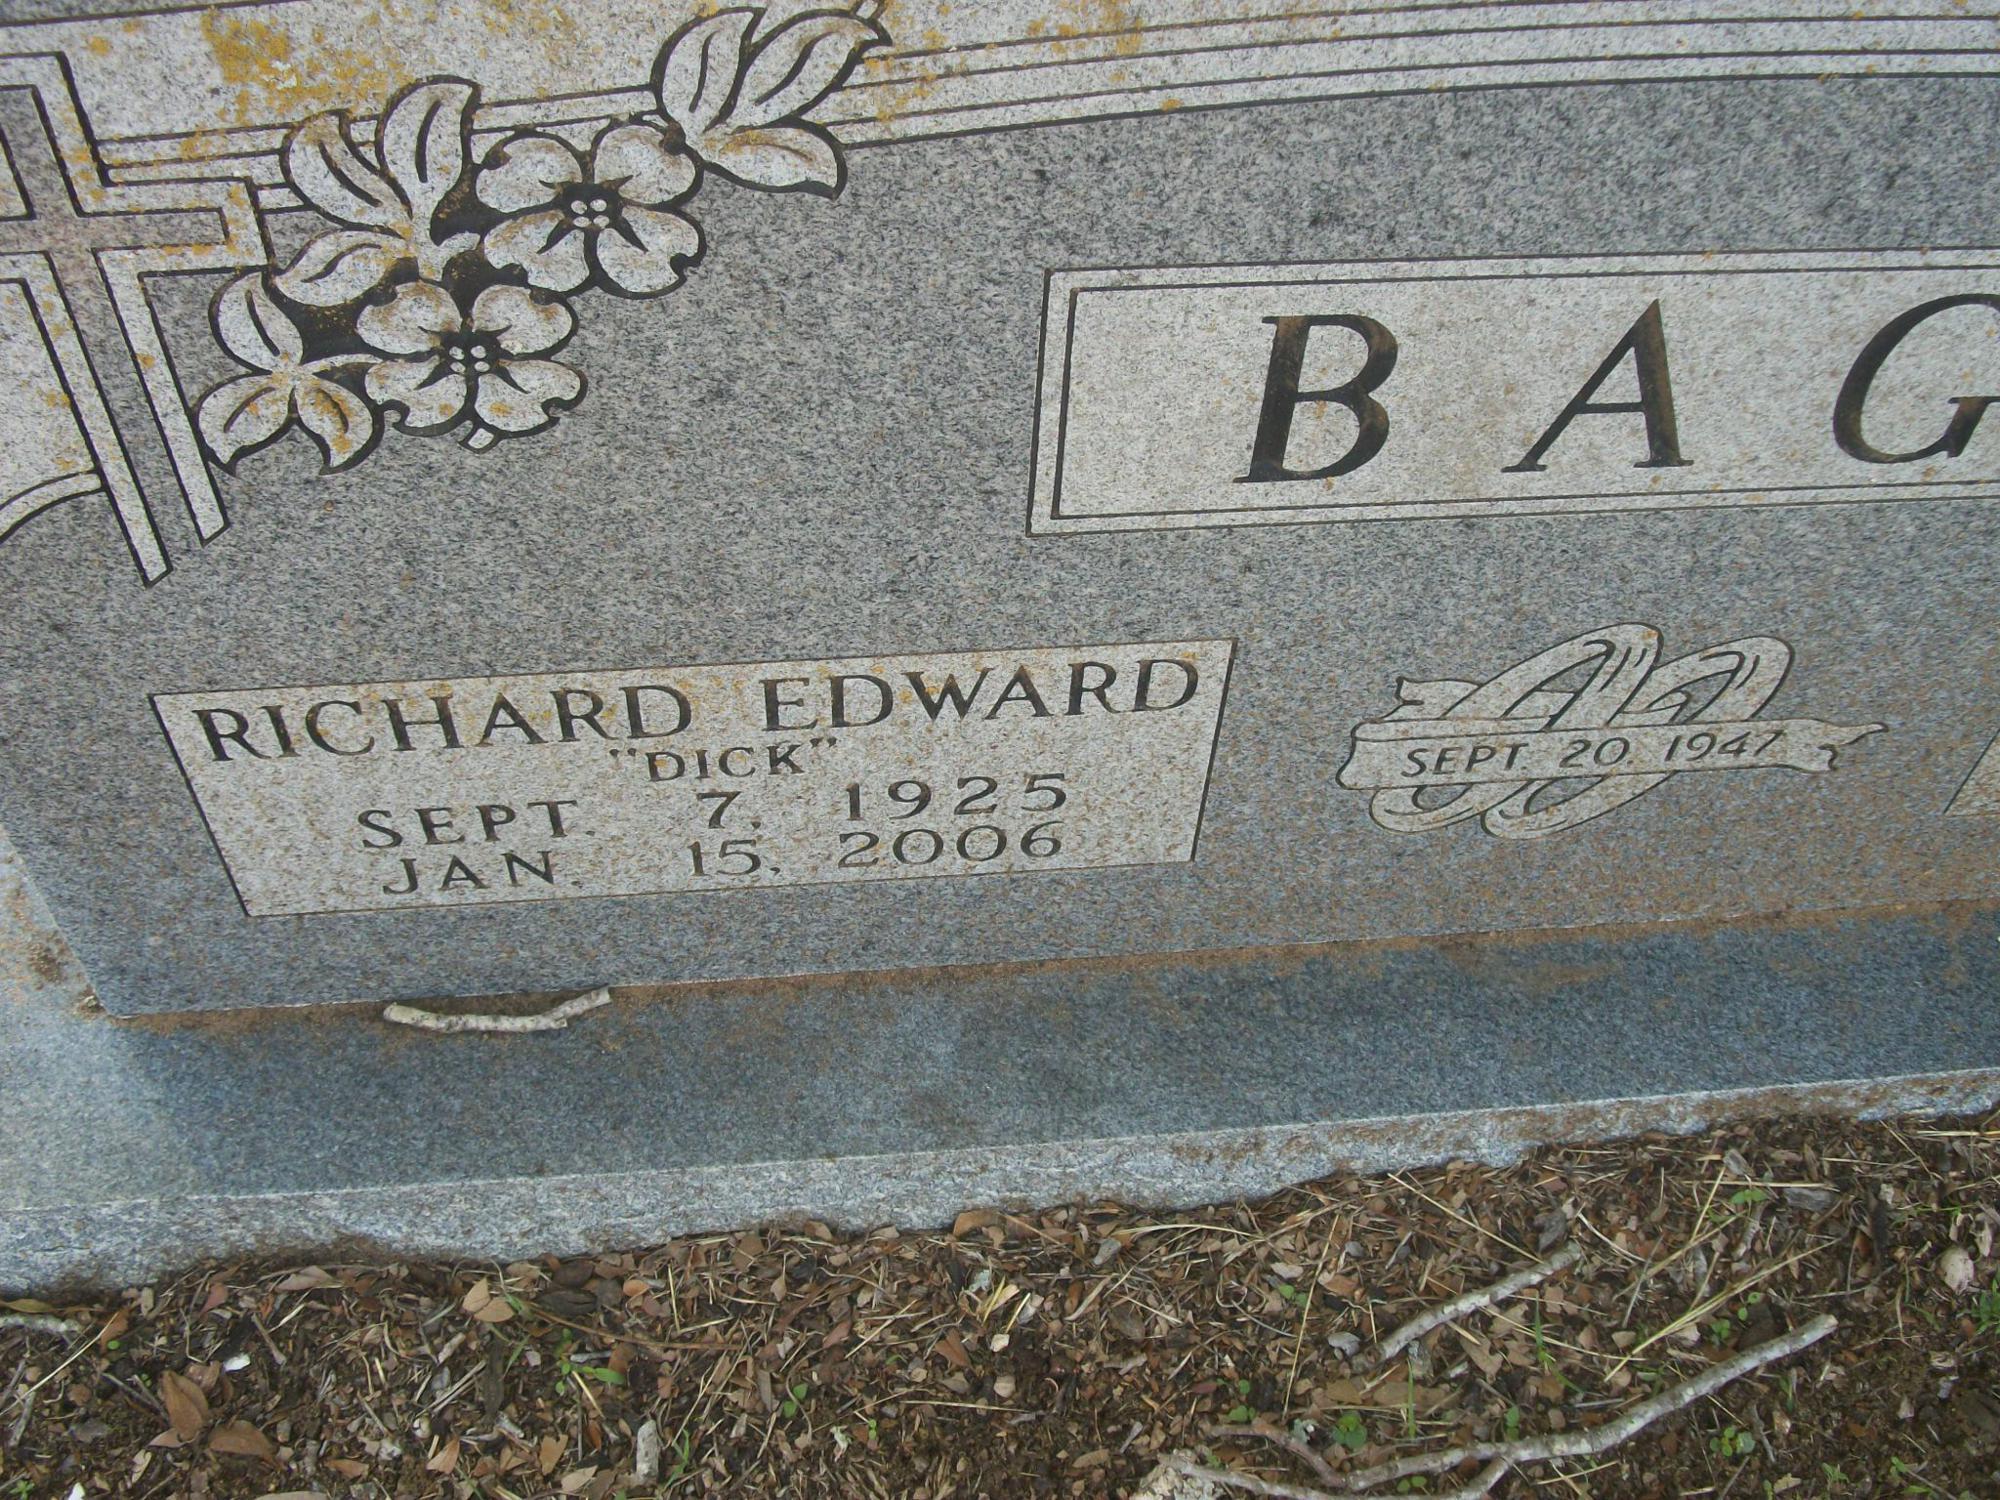 Richard Edward Bage